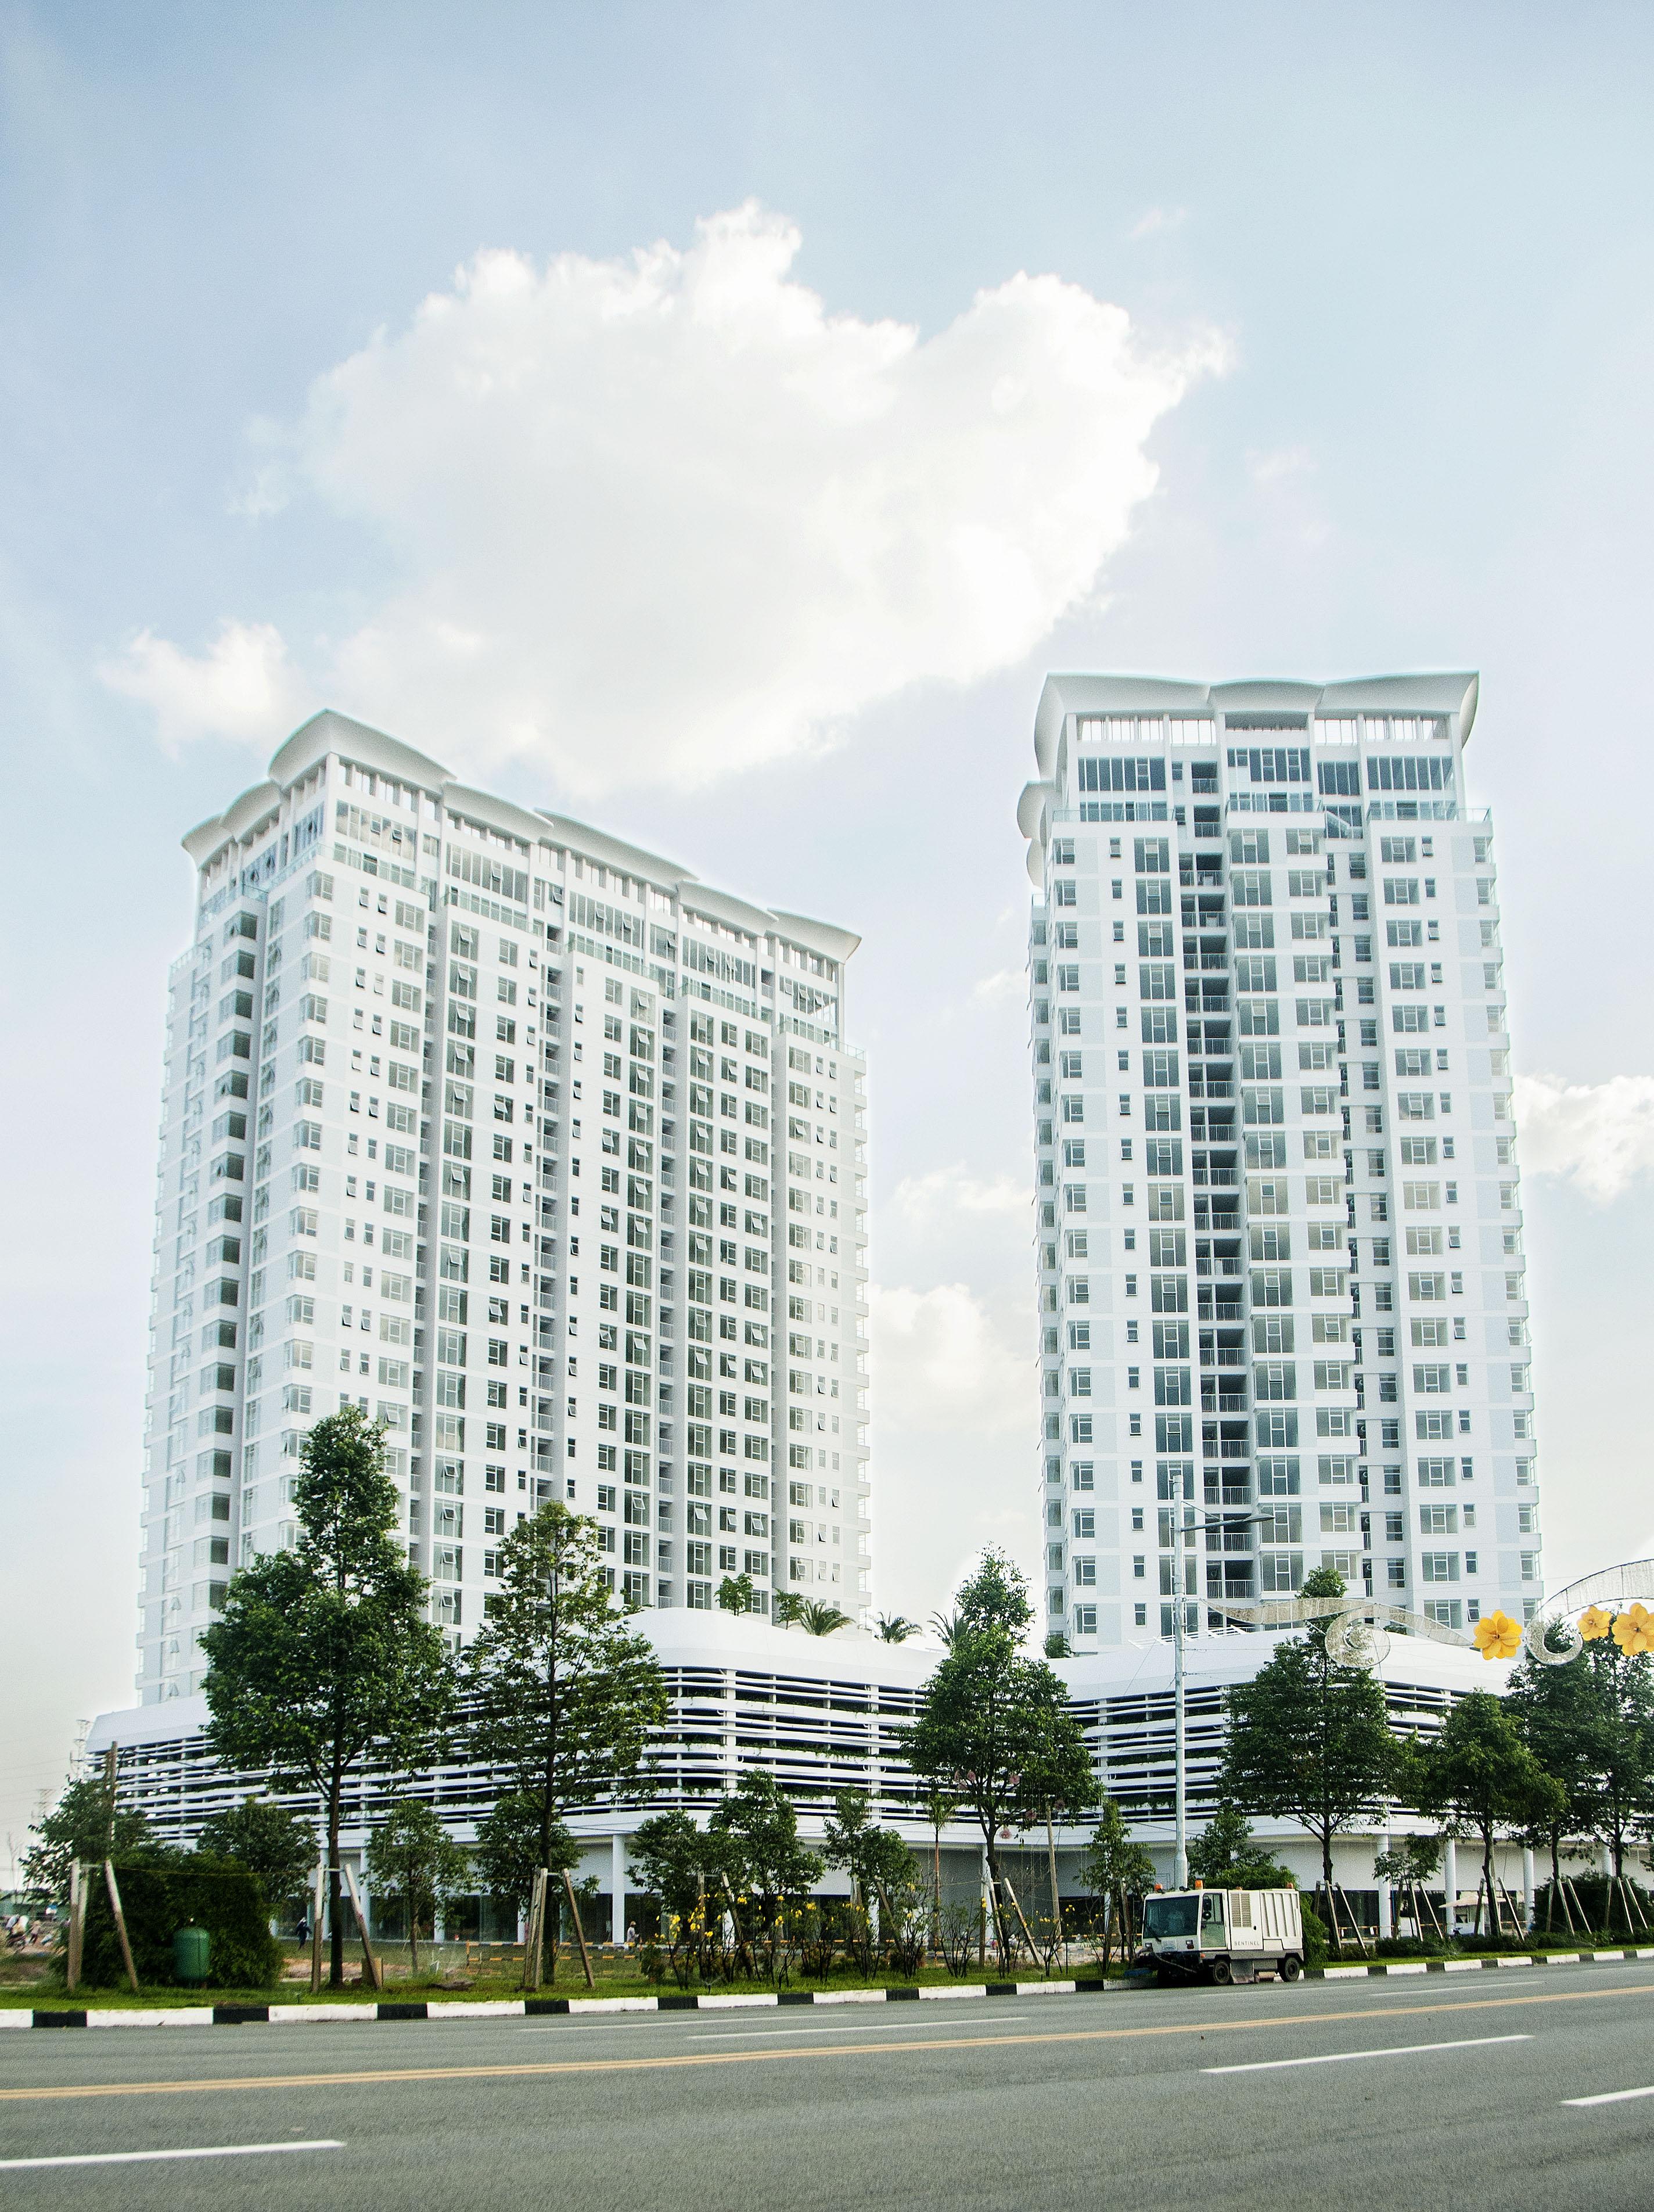 Sự kiện hoàn thành Tòa nhà căn hộ cao tầng SORA gardens 1 đã được tổ chức long trọng vào ngày 24 tháng 3 năm 2015; các hạng mục như tiền sảnh, nhà khách tại tầng trên cùng, căn hộ hoàn thiện bàn giao cho khách và khu sân vườn tại tầng 4 với hồ bơi đã được giới thiệu và rất nhiều khách tham quan đã đón nhận.